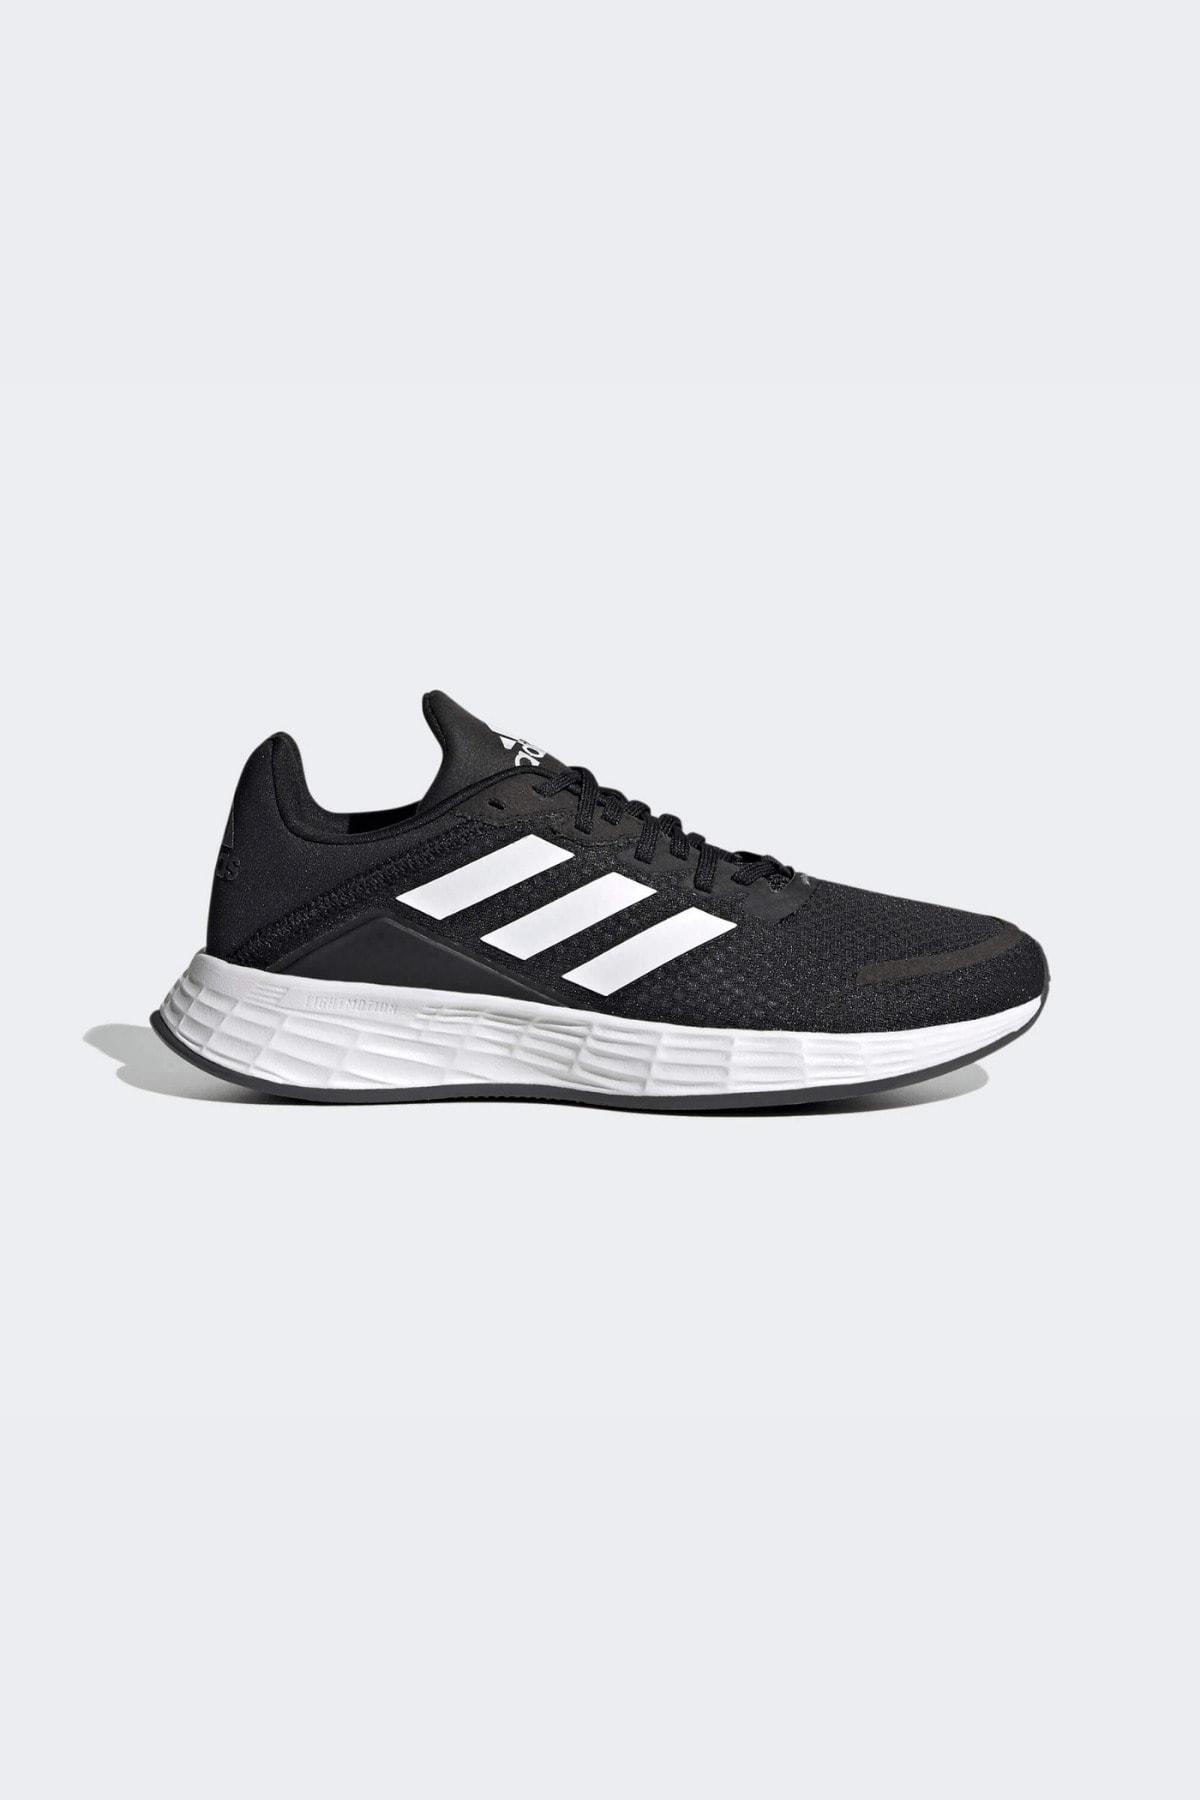 adidas DURAMO SL K Siyah Kız Çocuk Koşu Ayakkabısı 100663928 1